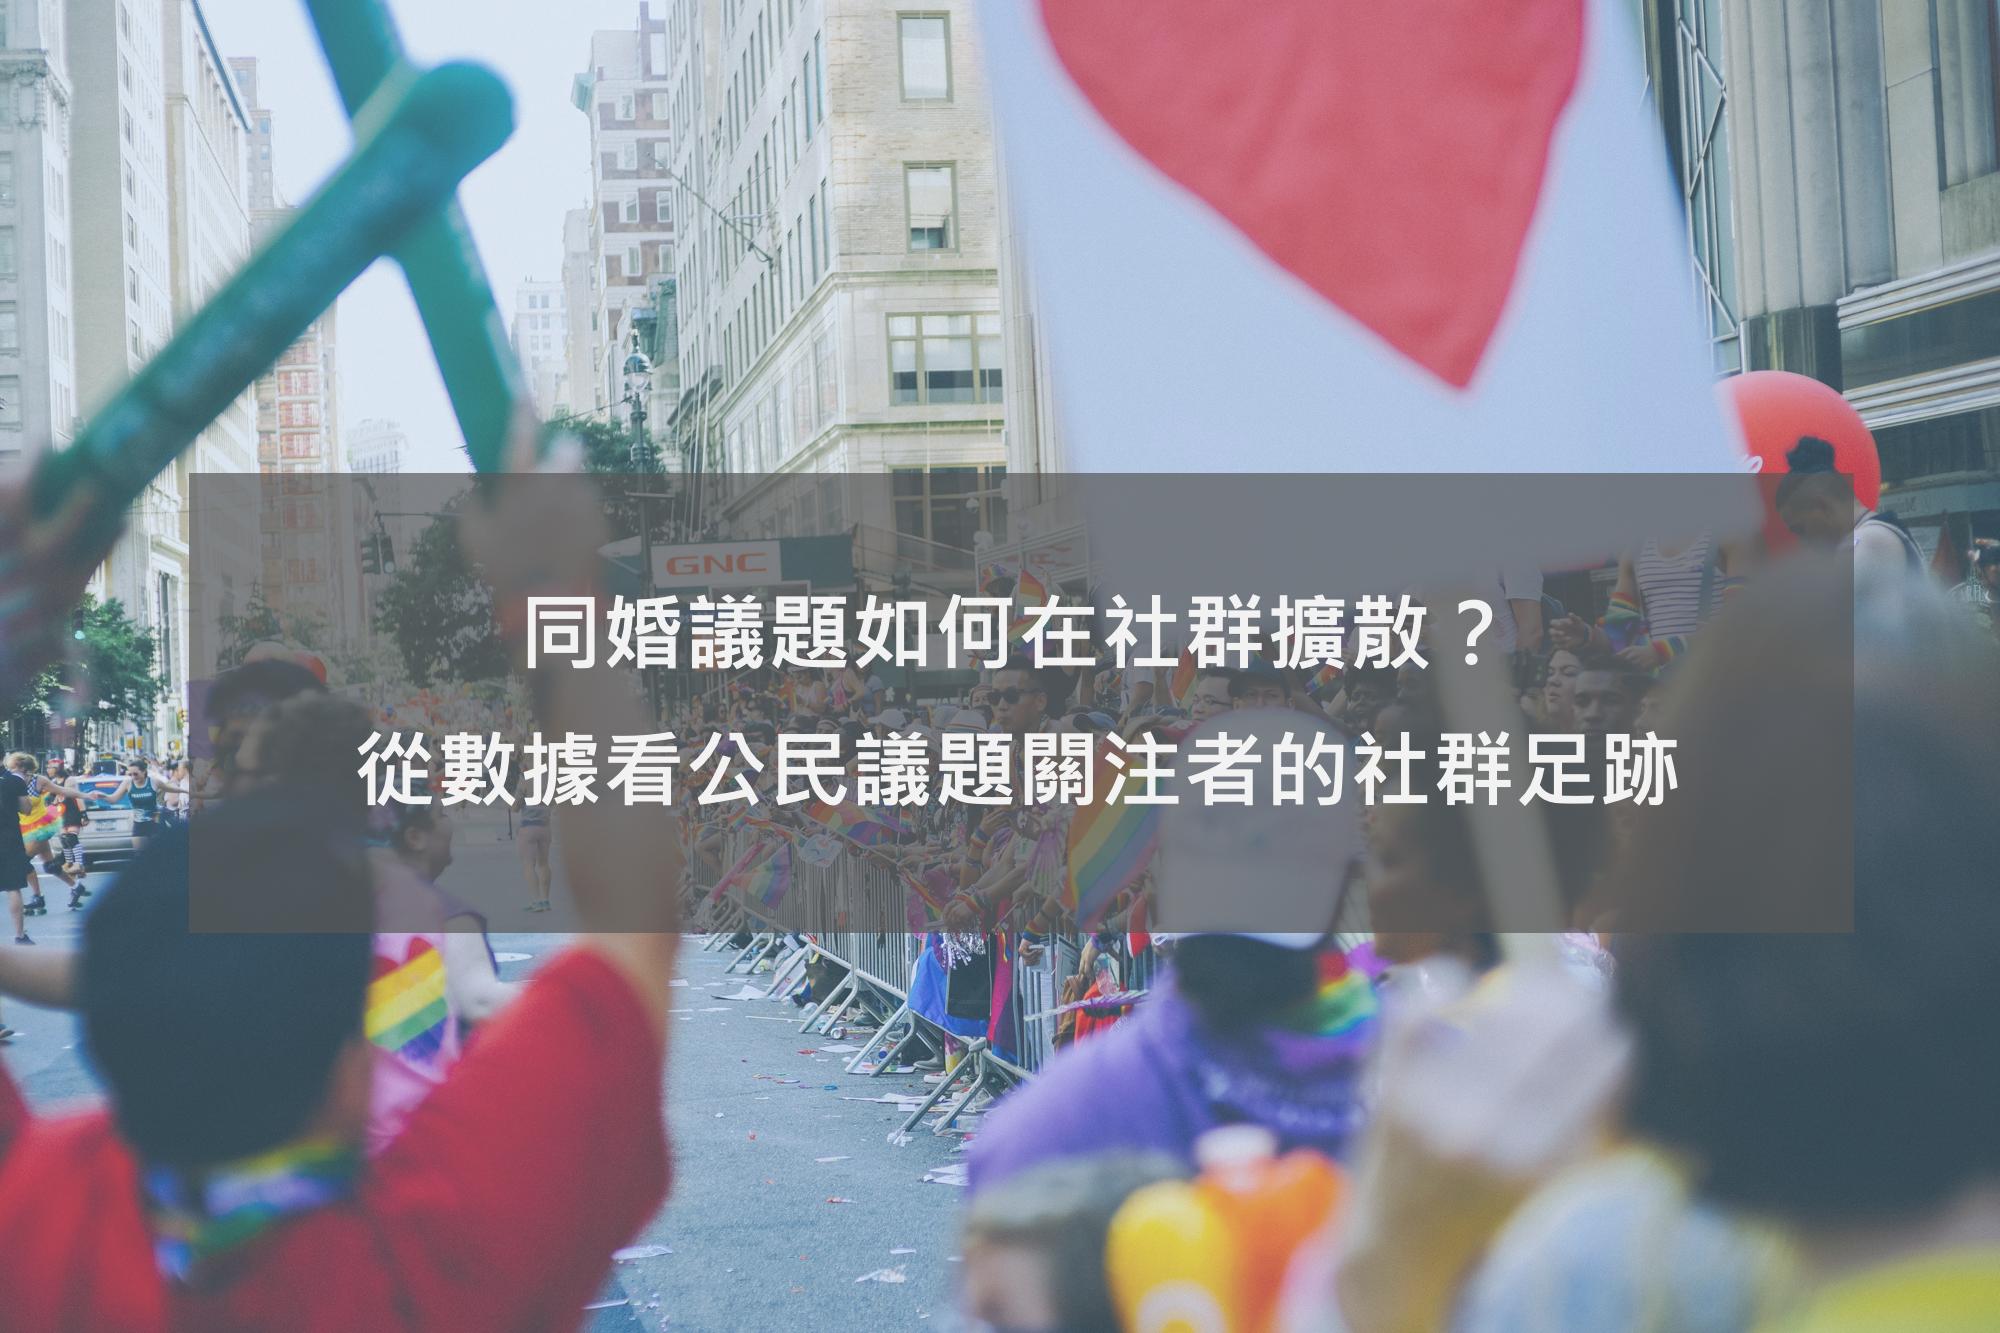 同婚議題如何在社群擴散?從數據看公民議題關注者的社群足跡